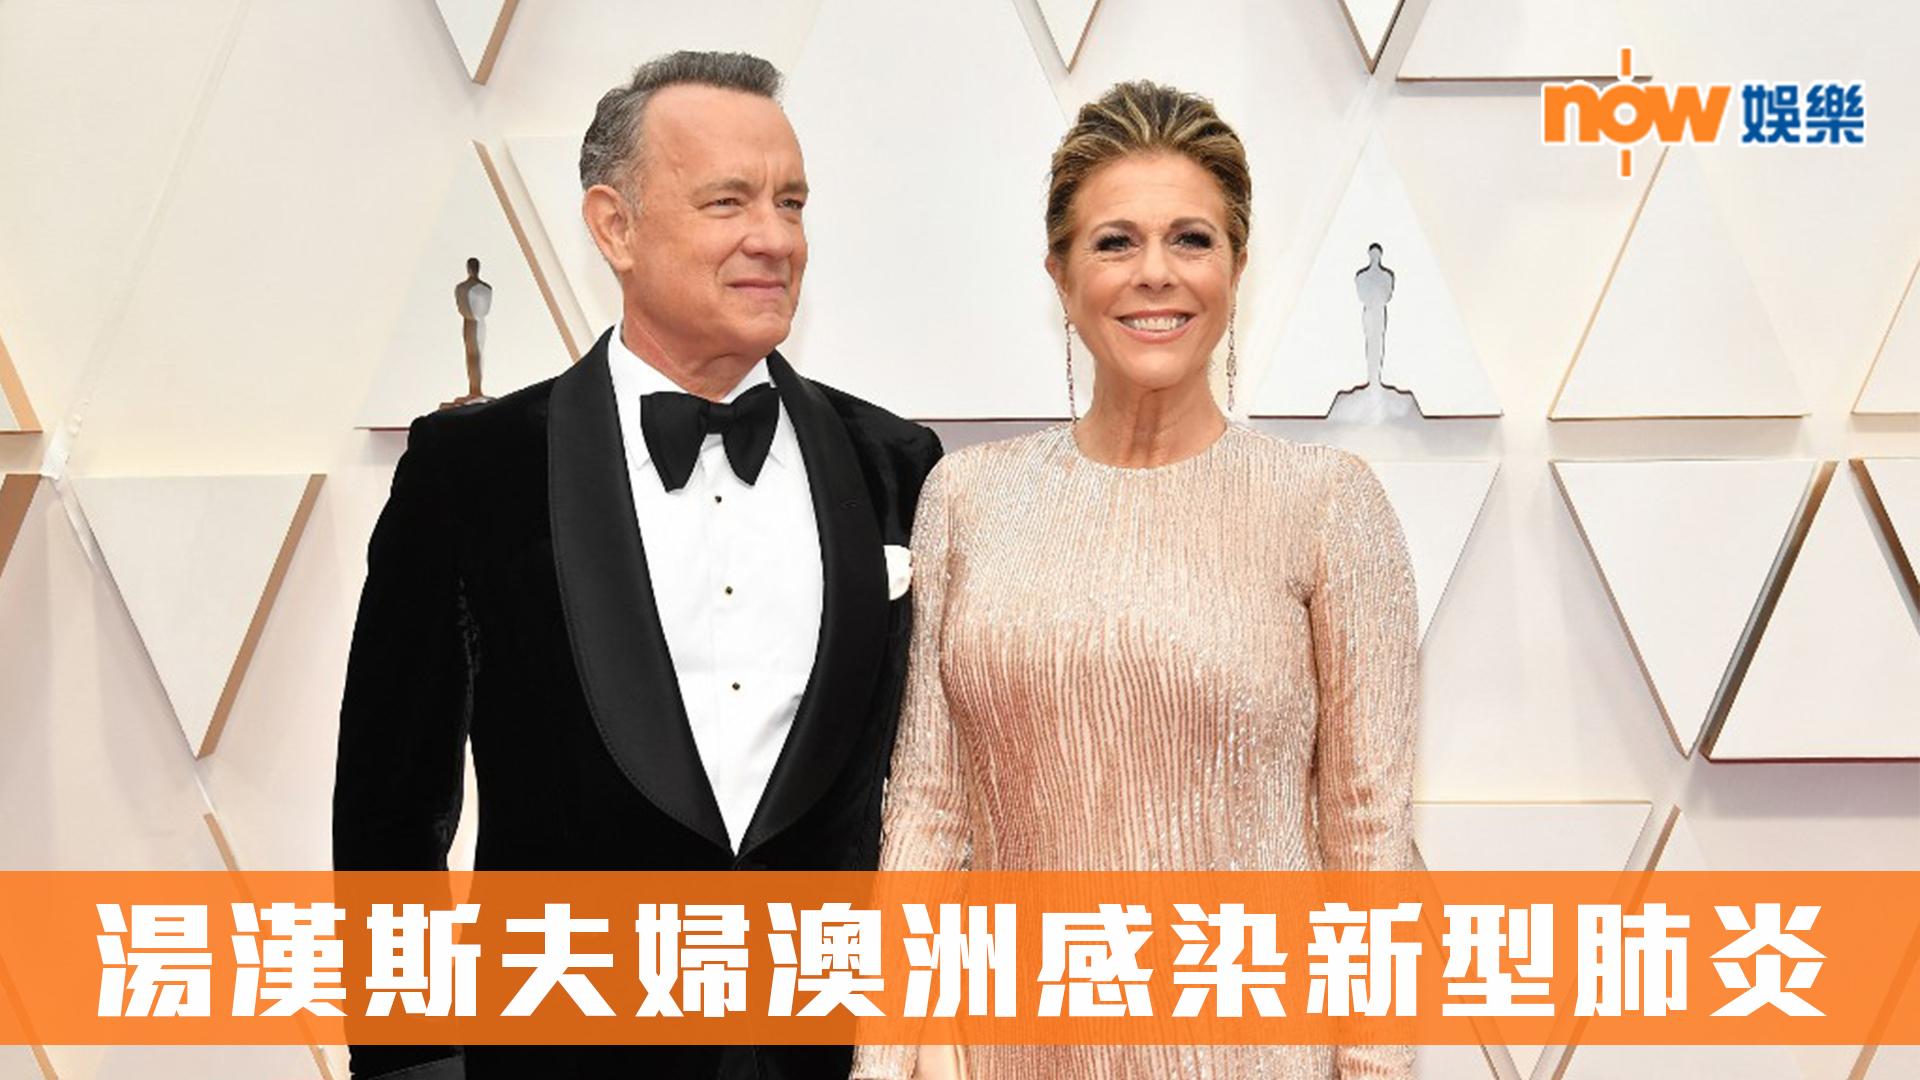 【新型肺炎】湯漢斯夫婦澳洲中招 成首位確診荷李活明星